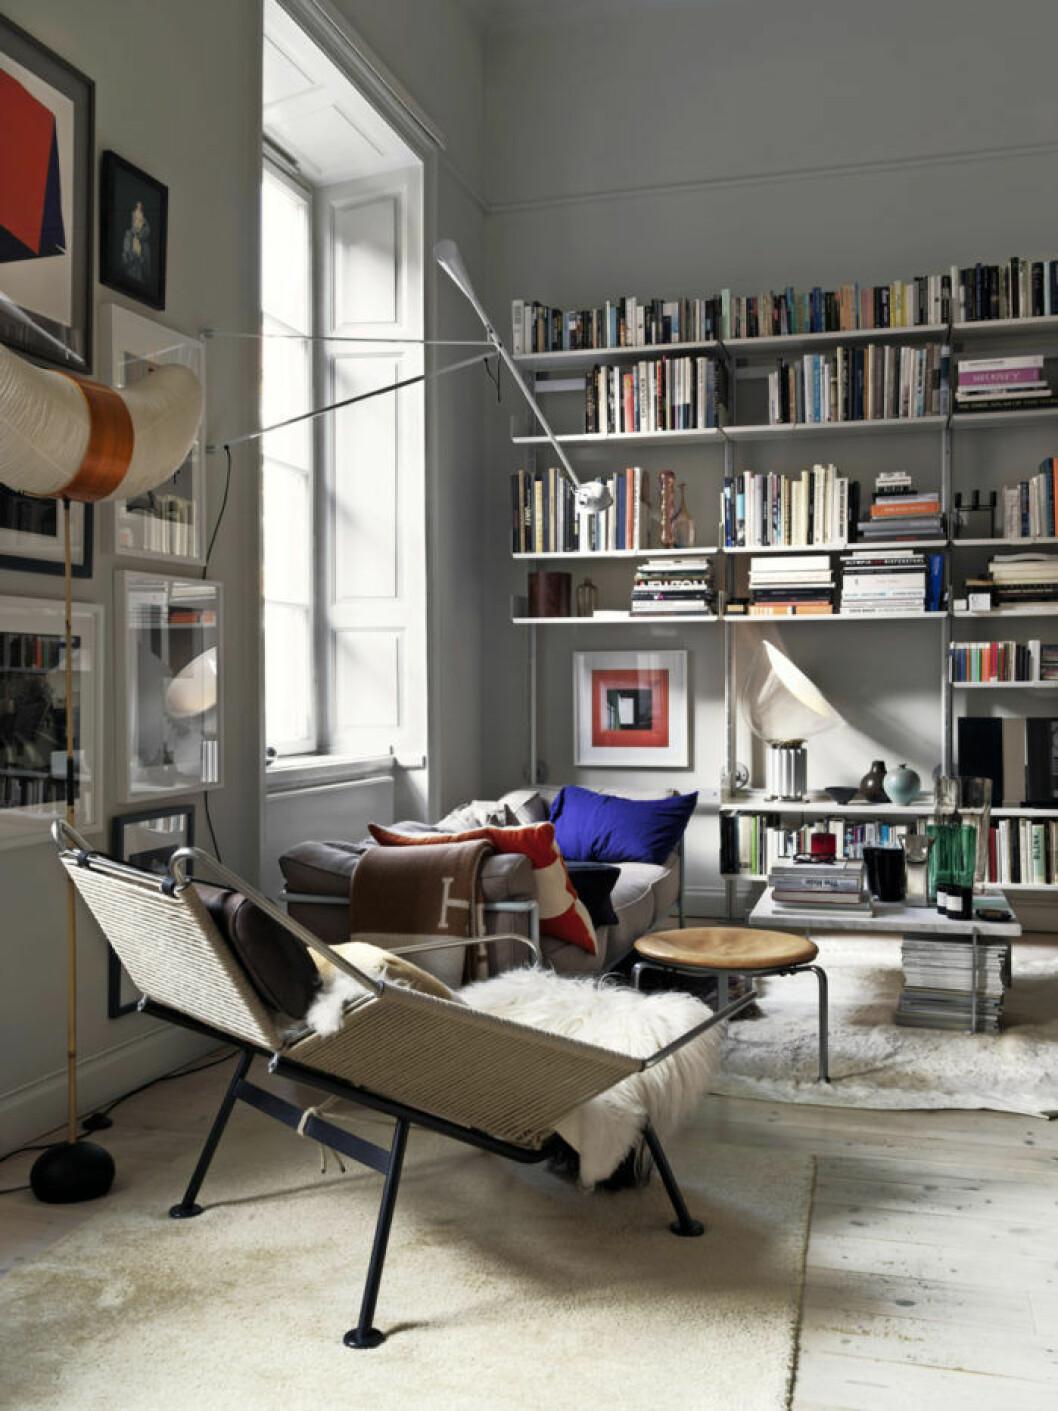 Vardagsrum med bokhylla, design fåtölj, tavelvägg